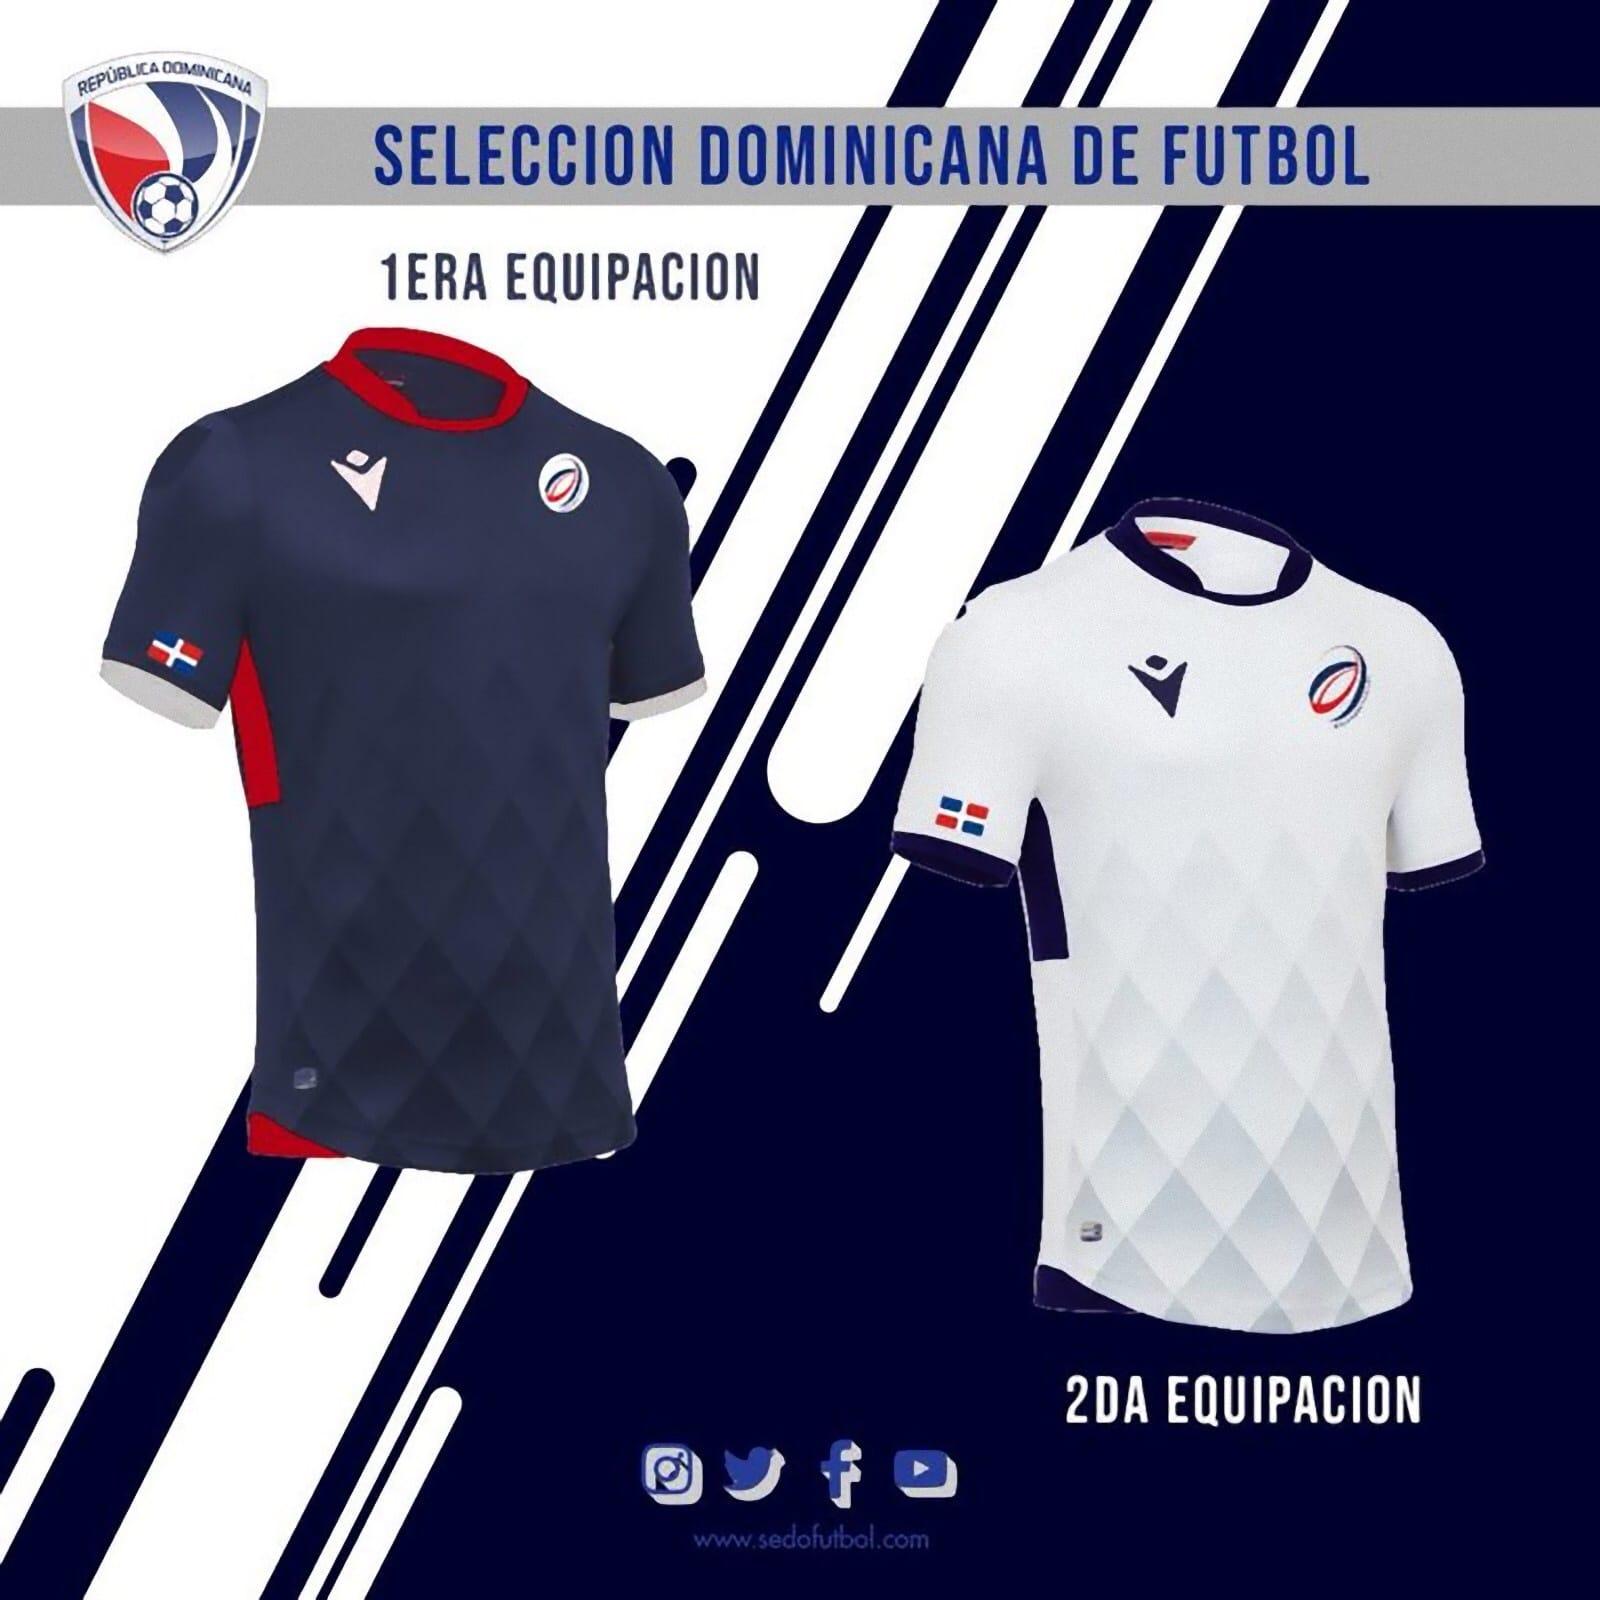 ba5af8788 Dominican Republic 2019-20 Macron Kits